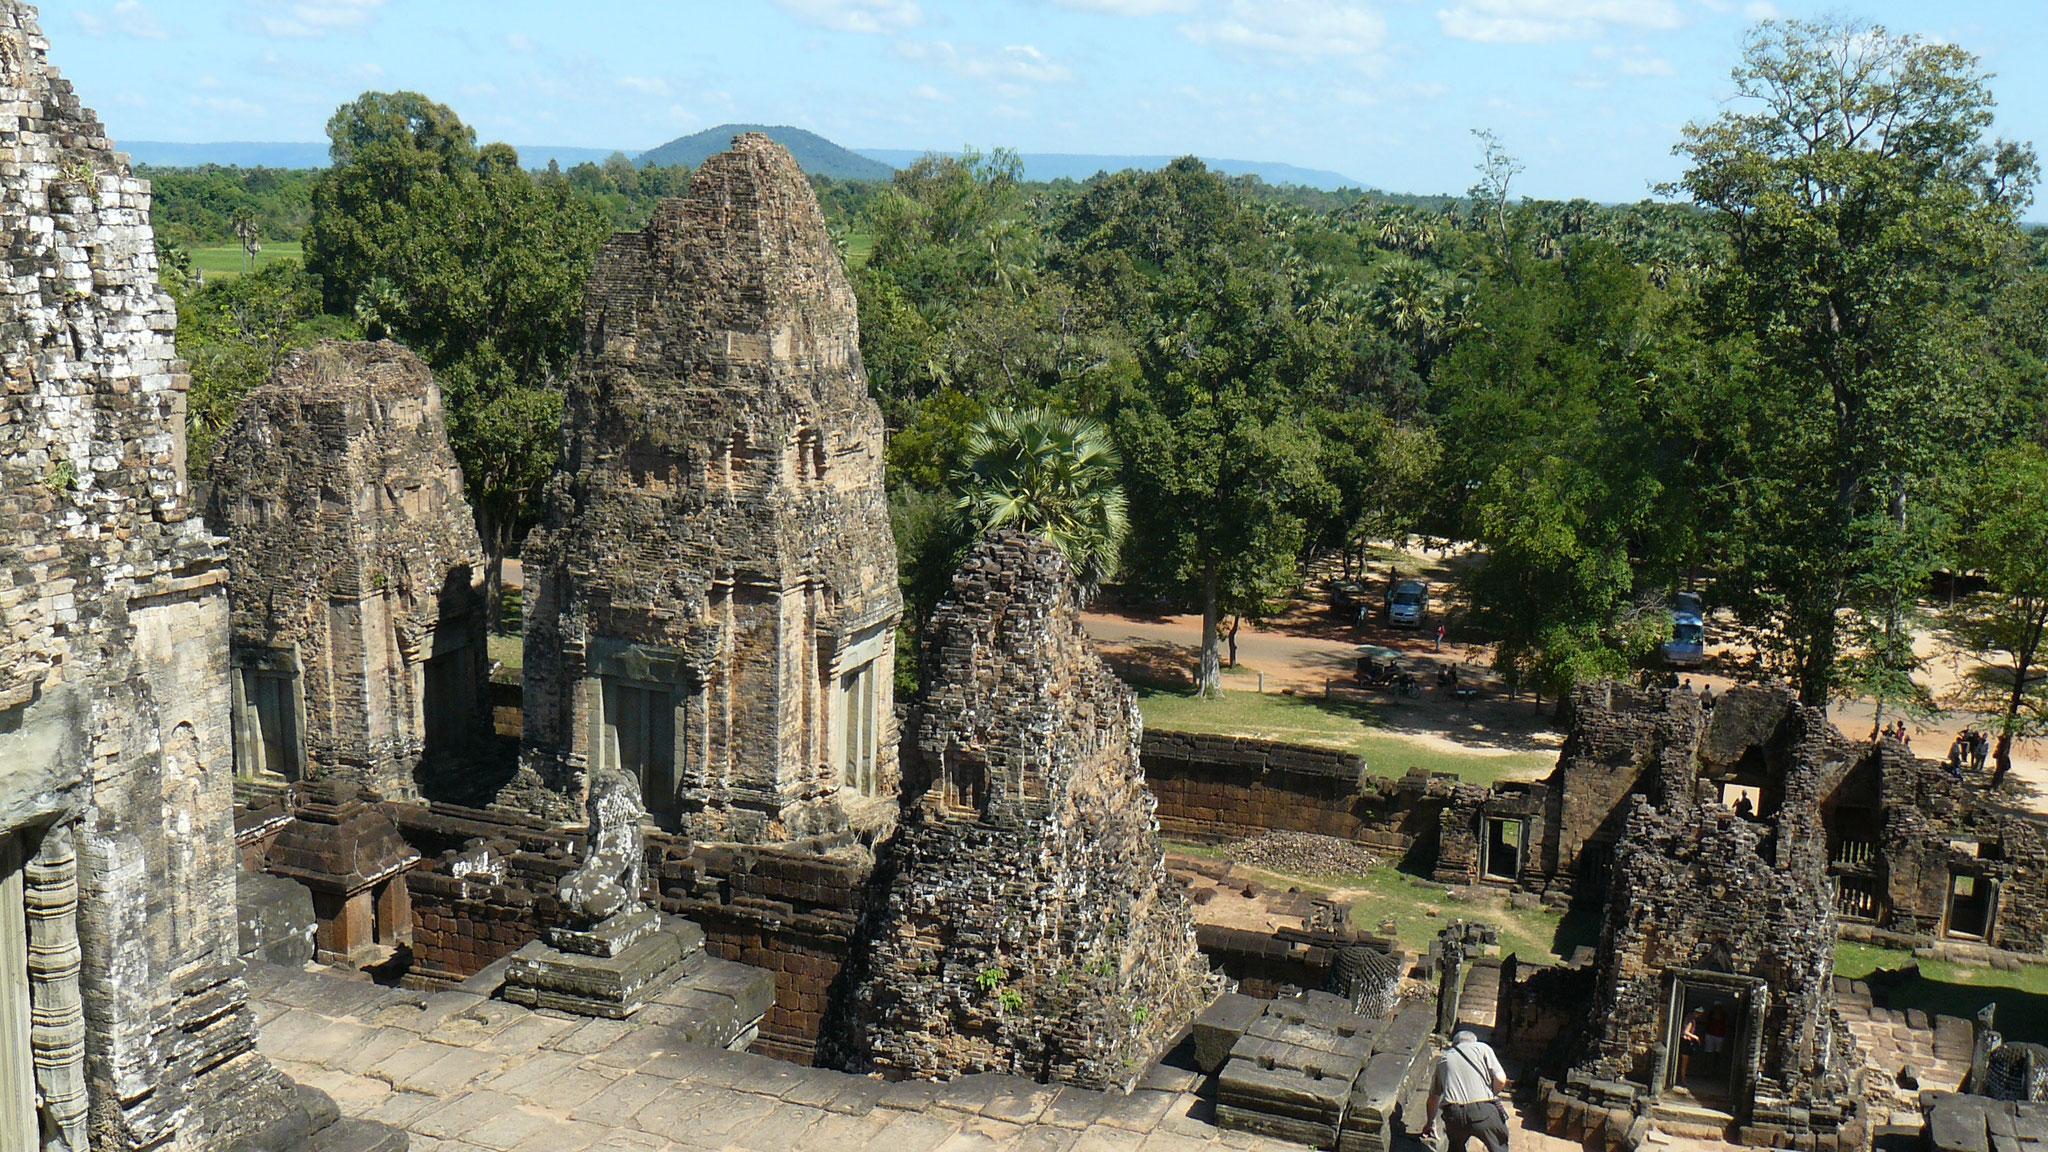 Kambodscha, Angkor Wat - Auf dem Tempel, auf dem Roman das erste Mal durchatmen kann